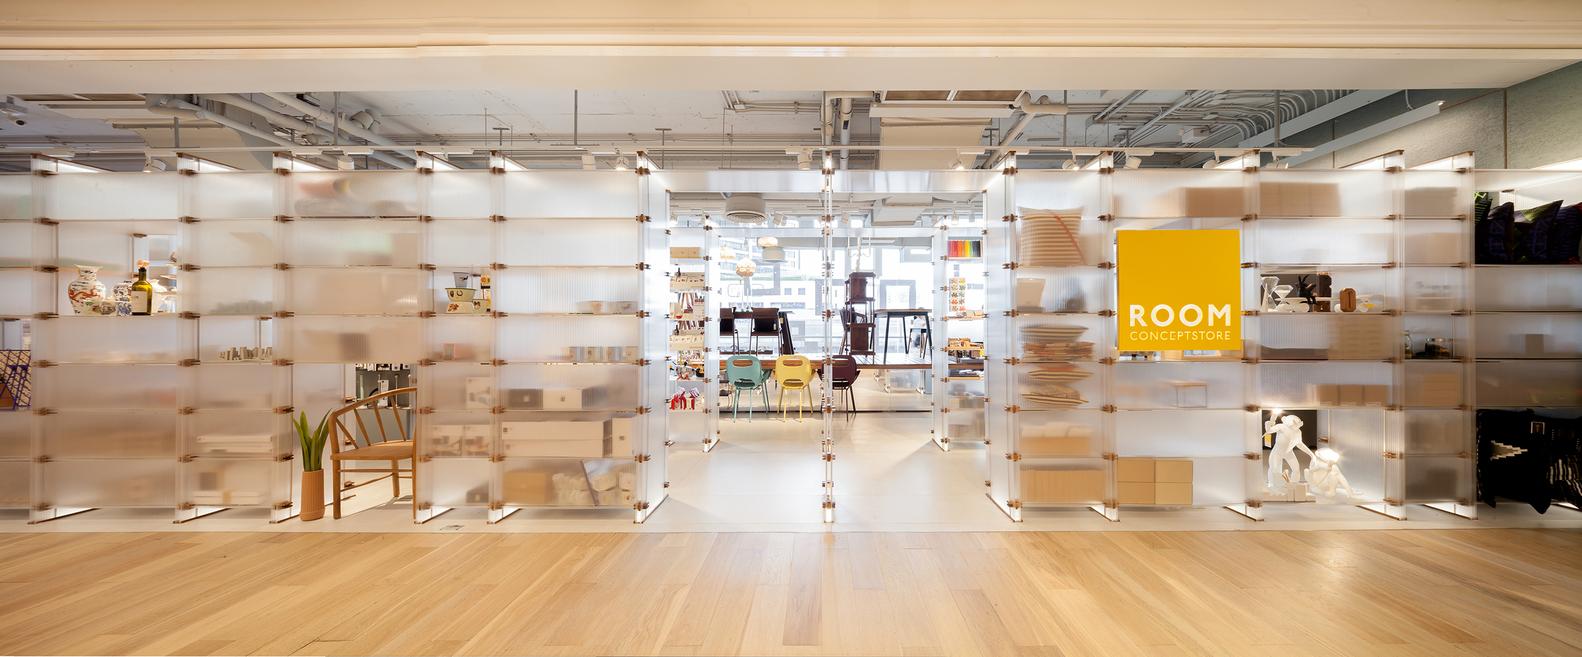 Room Concept Store Ketsiree Wongwan